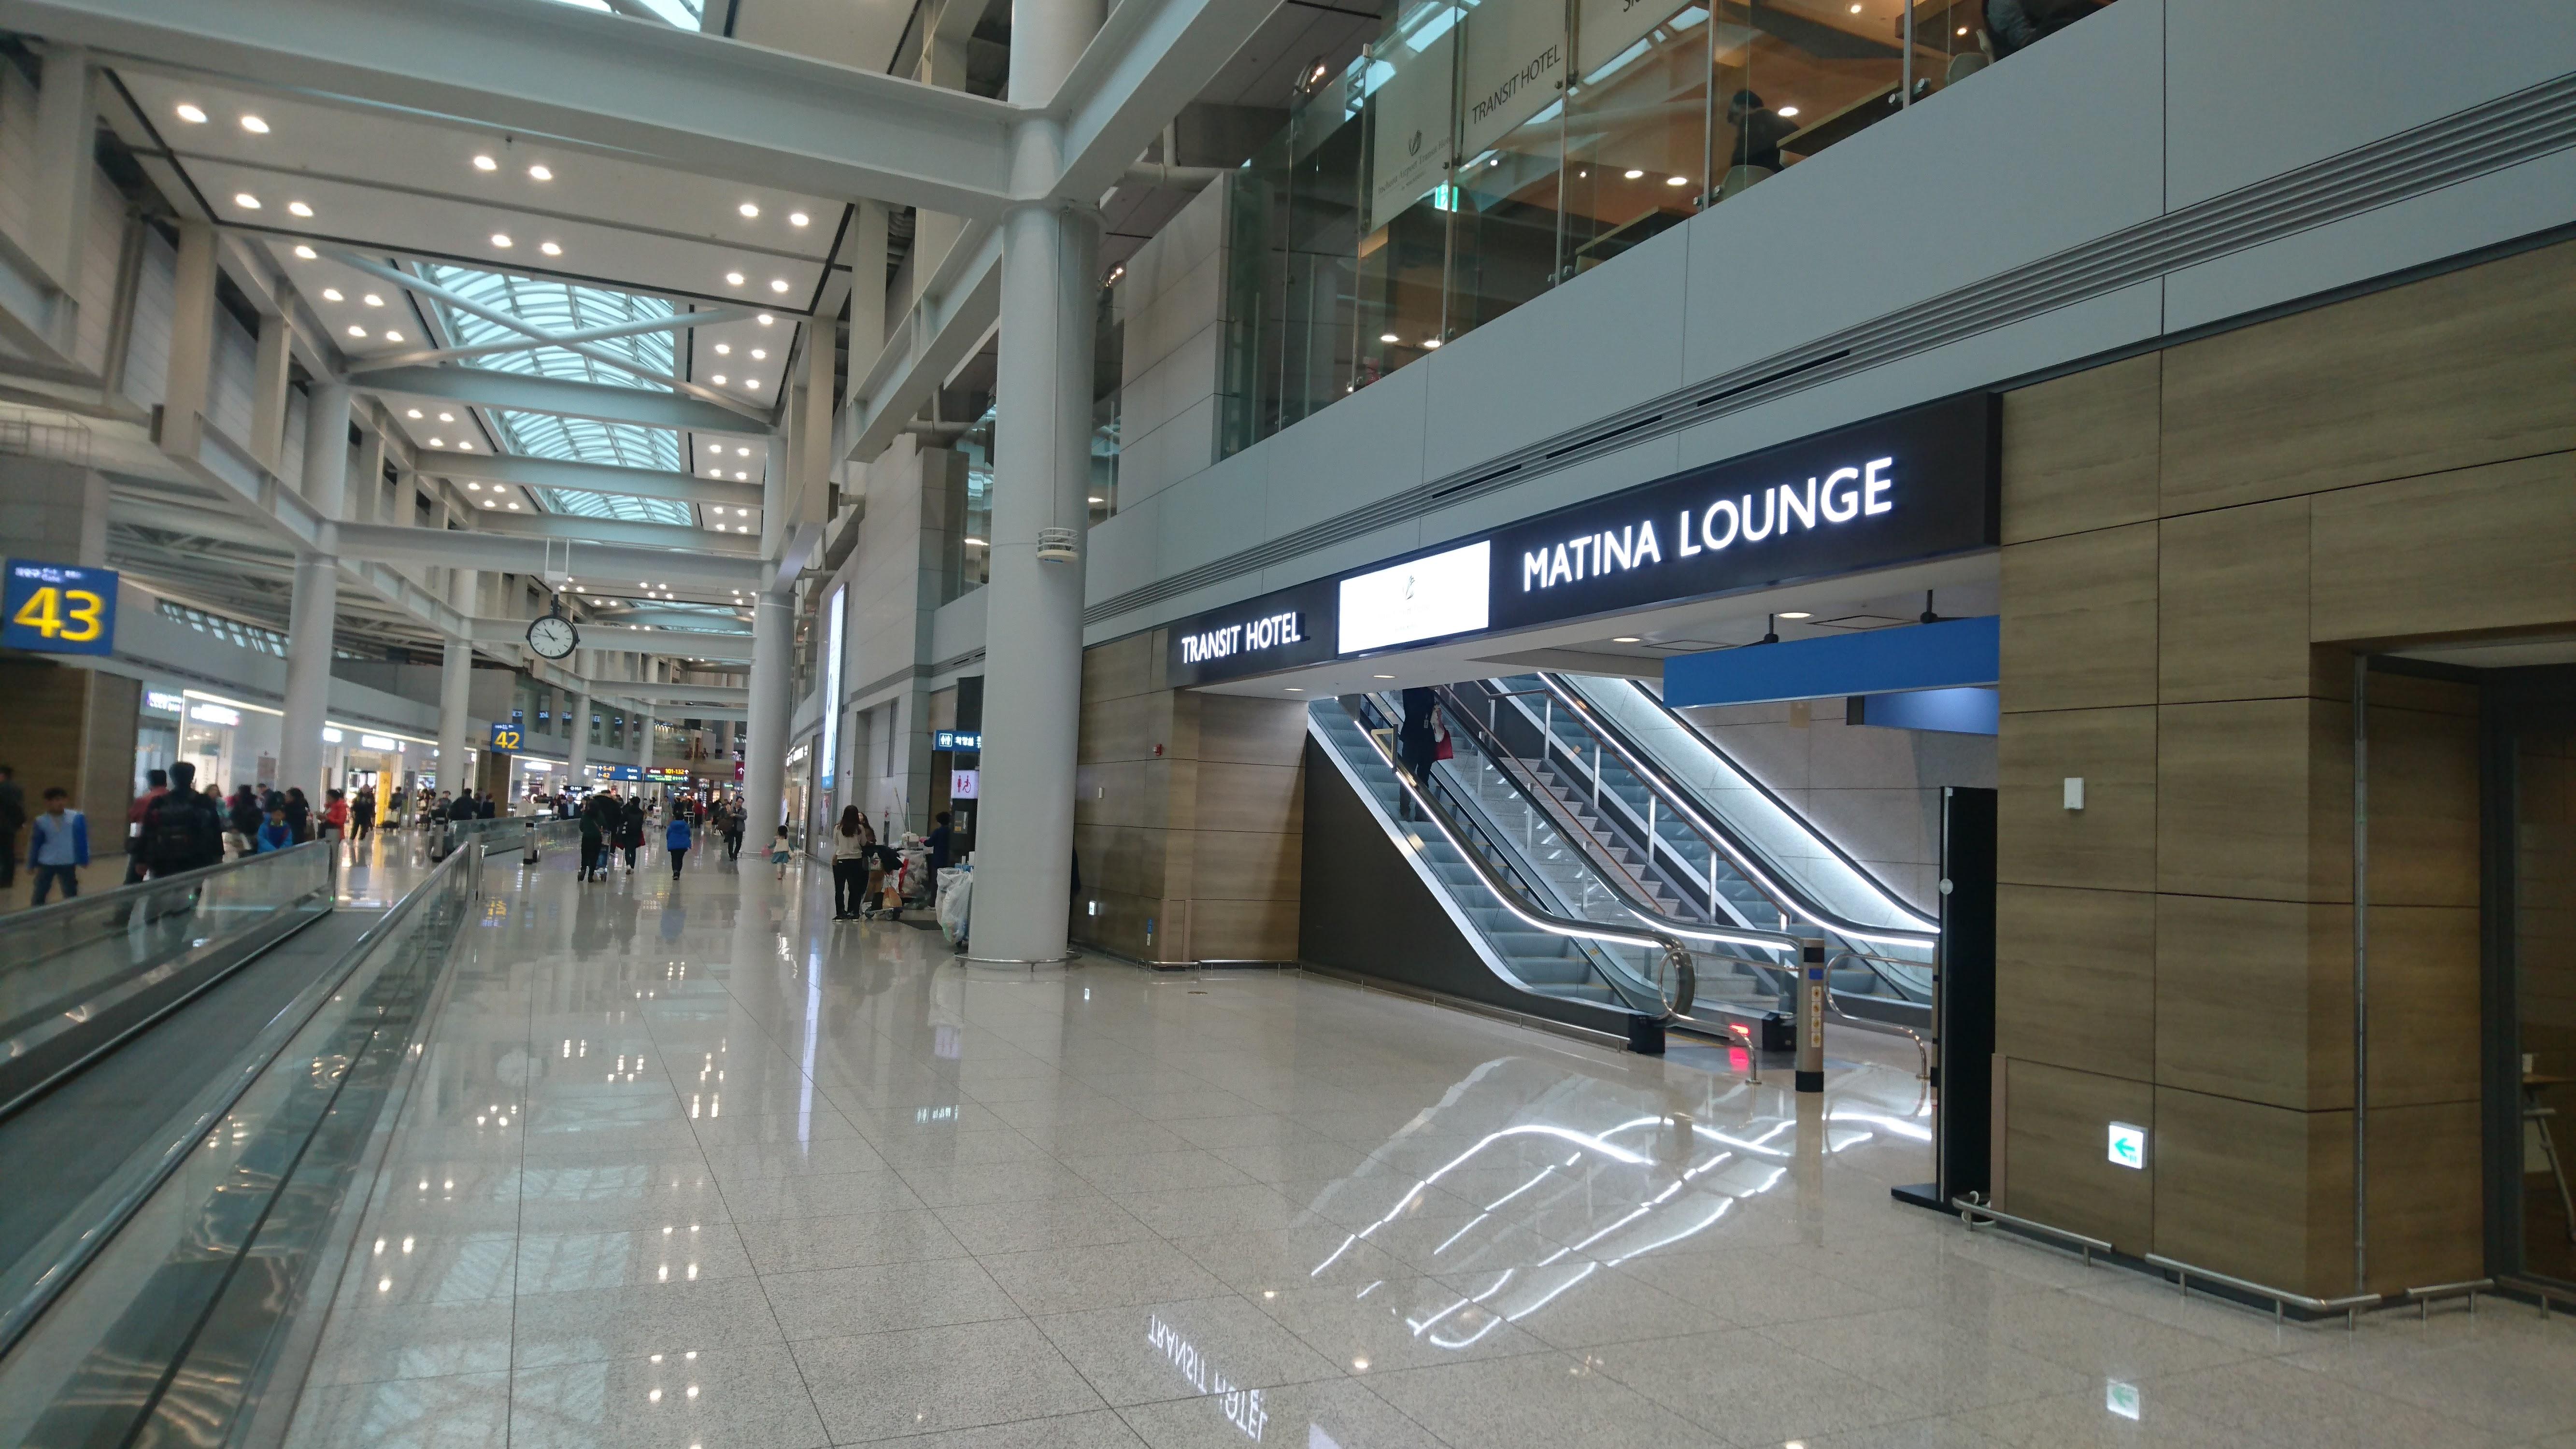 旅客ターミナル3階の43番ゲートの向かい側に、4階に位置する、MATINA LOUNGE WESTへのエスカレーターがあります。